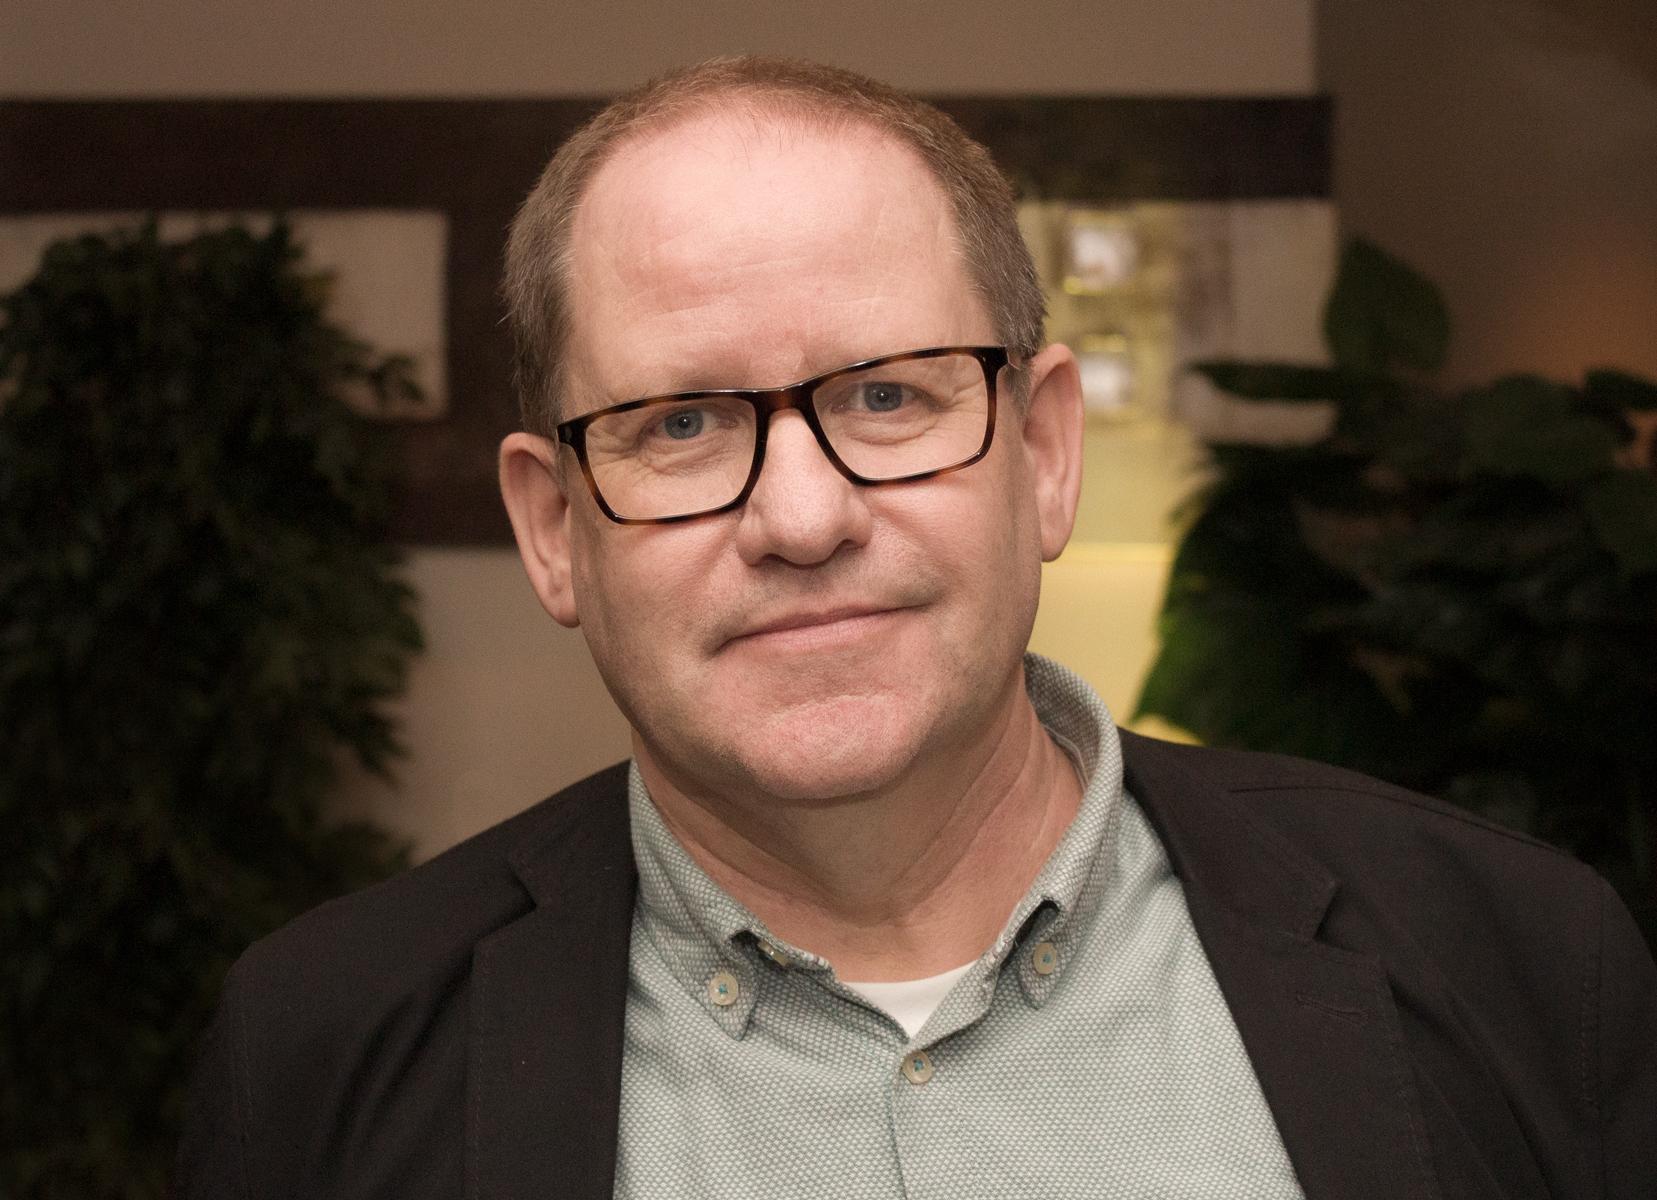 Steffen Schorcht